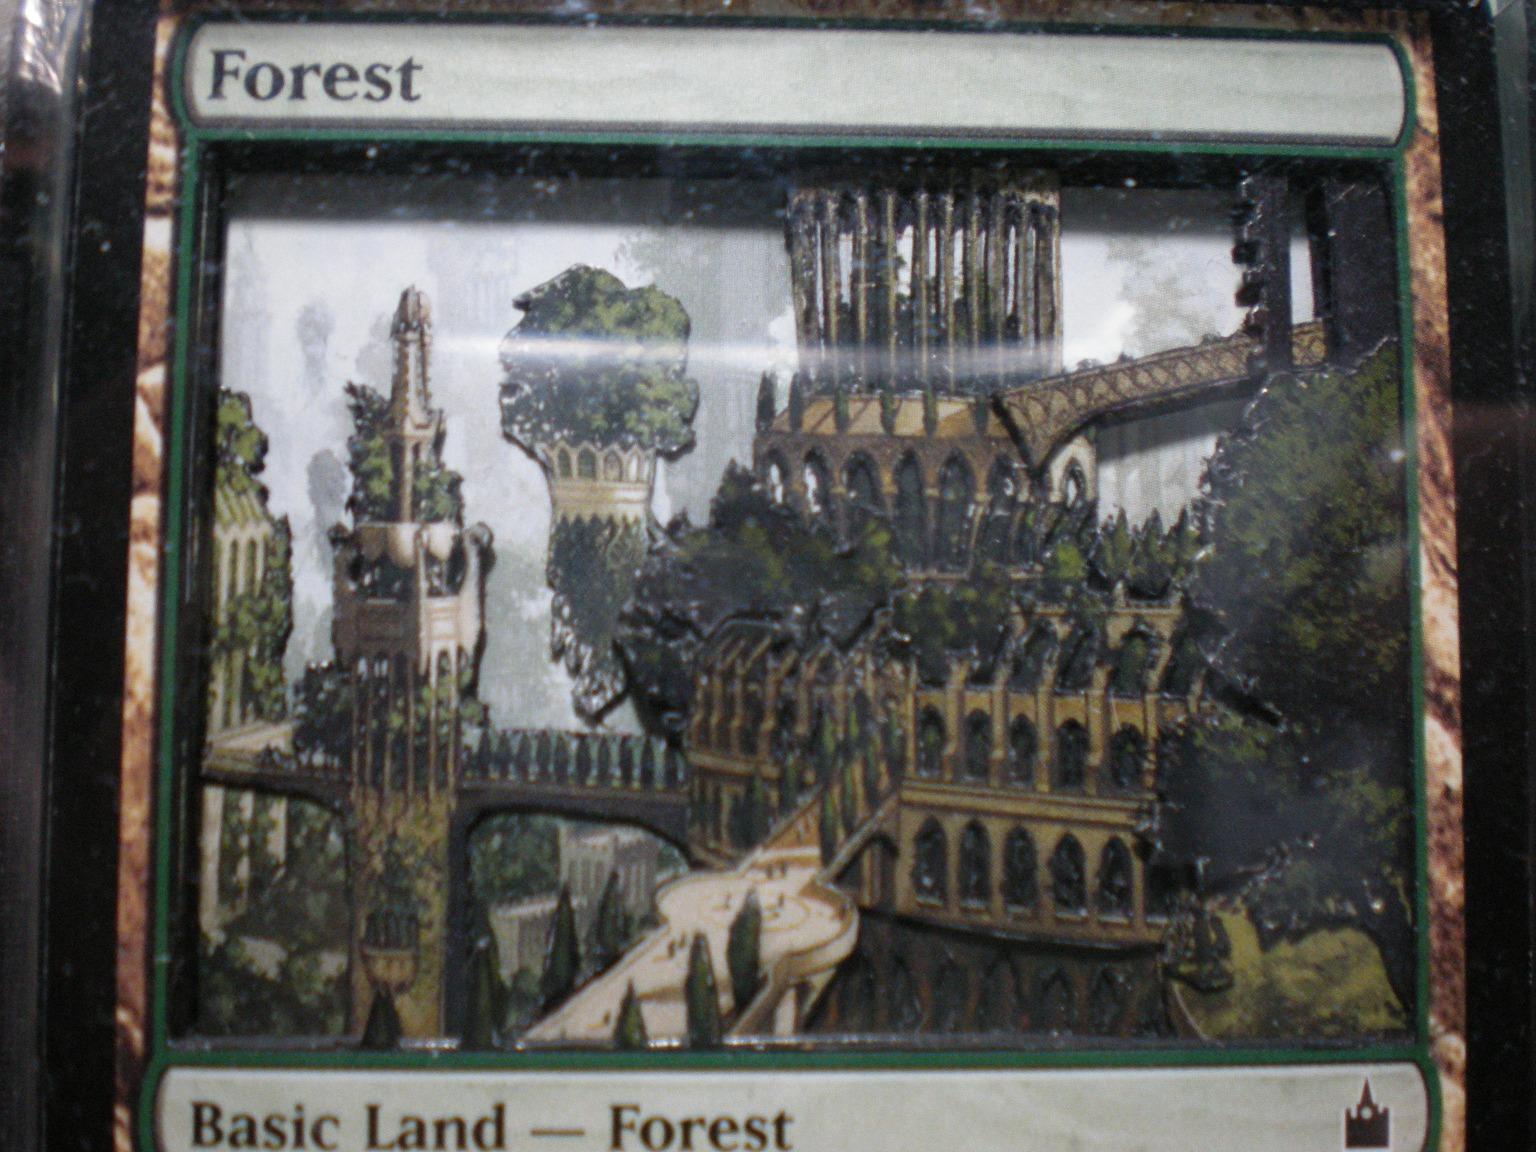 ラブニカの森